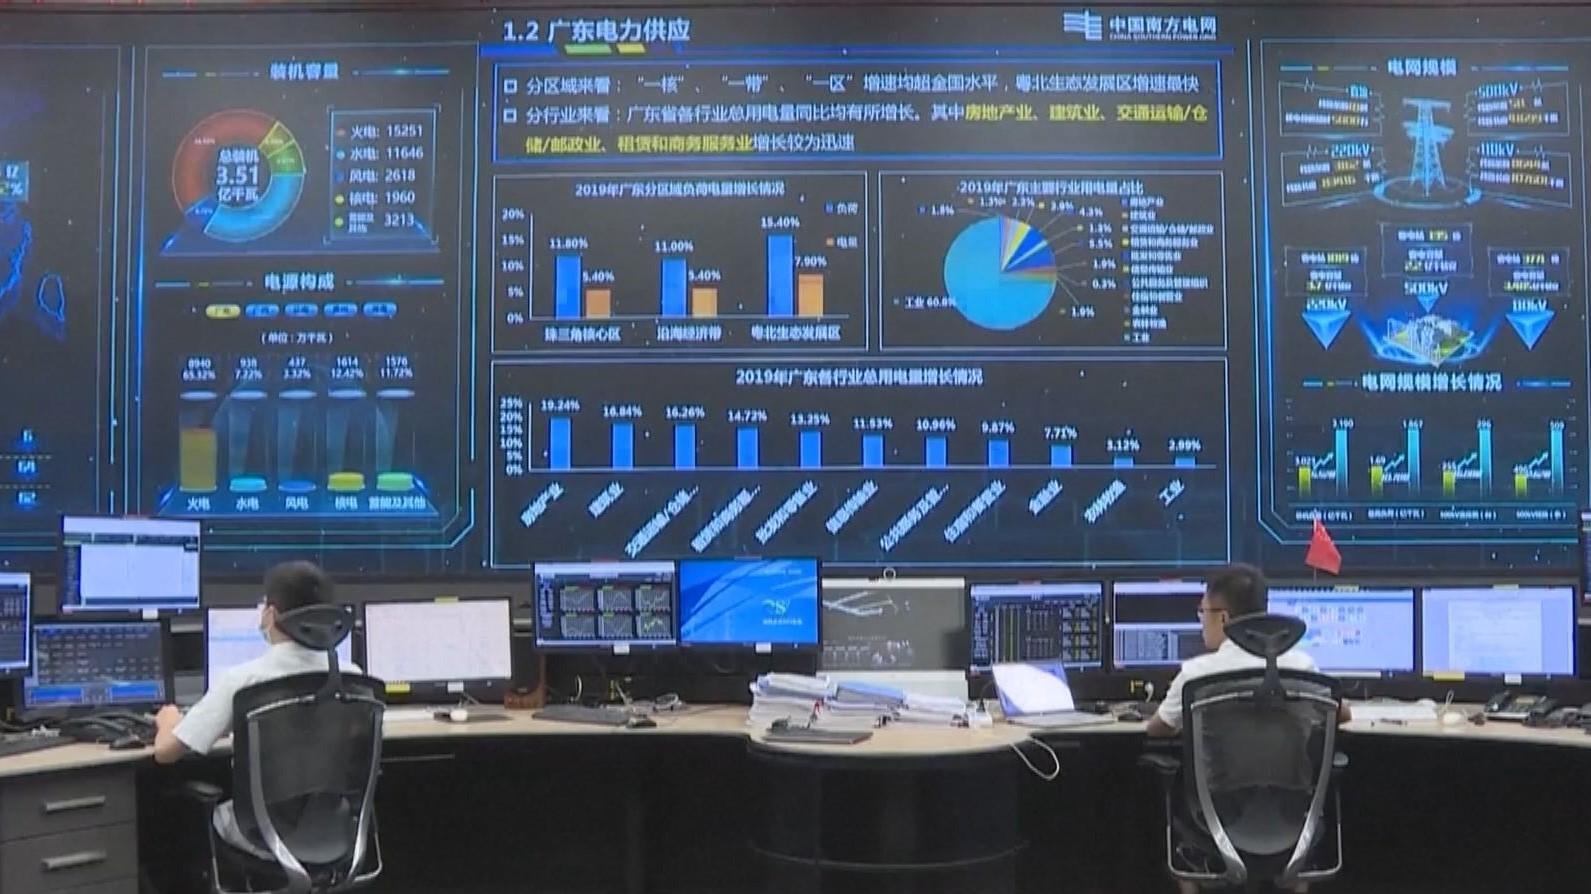 東北限電影響民生 遼寧有企業因限電發生煤氣洩漏